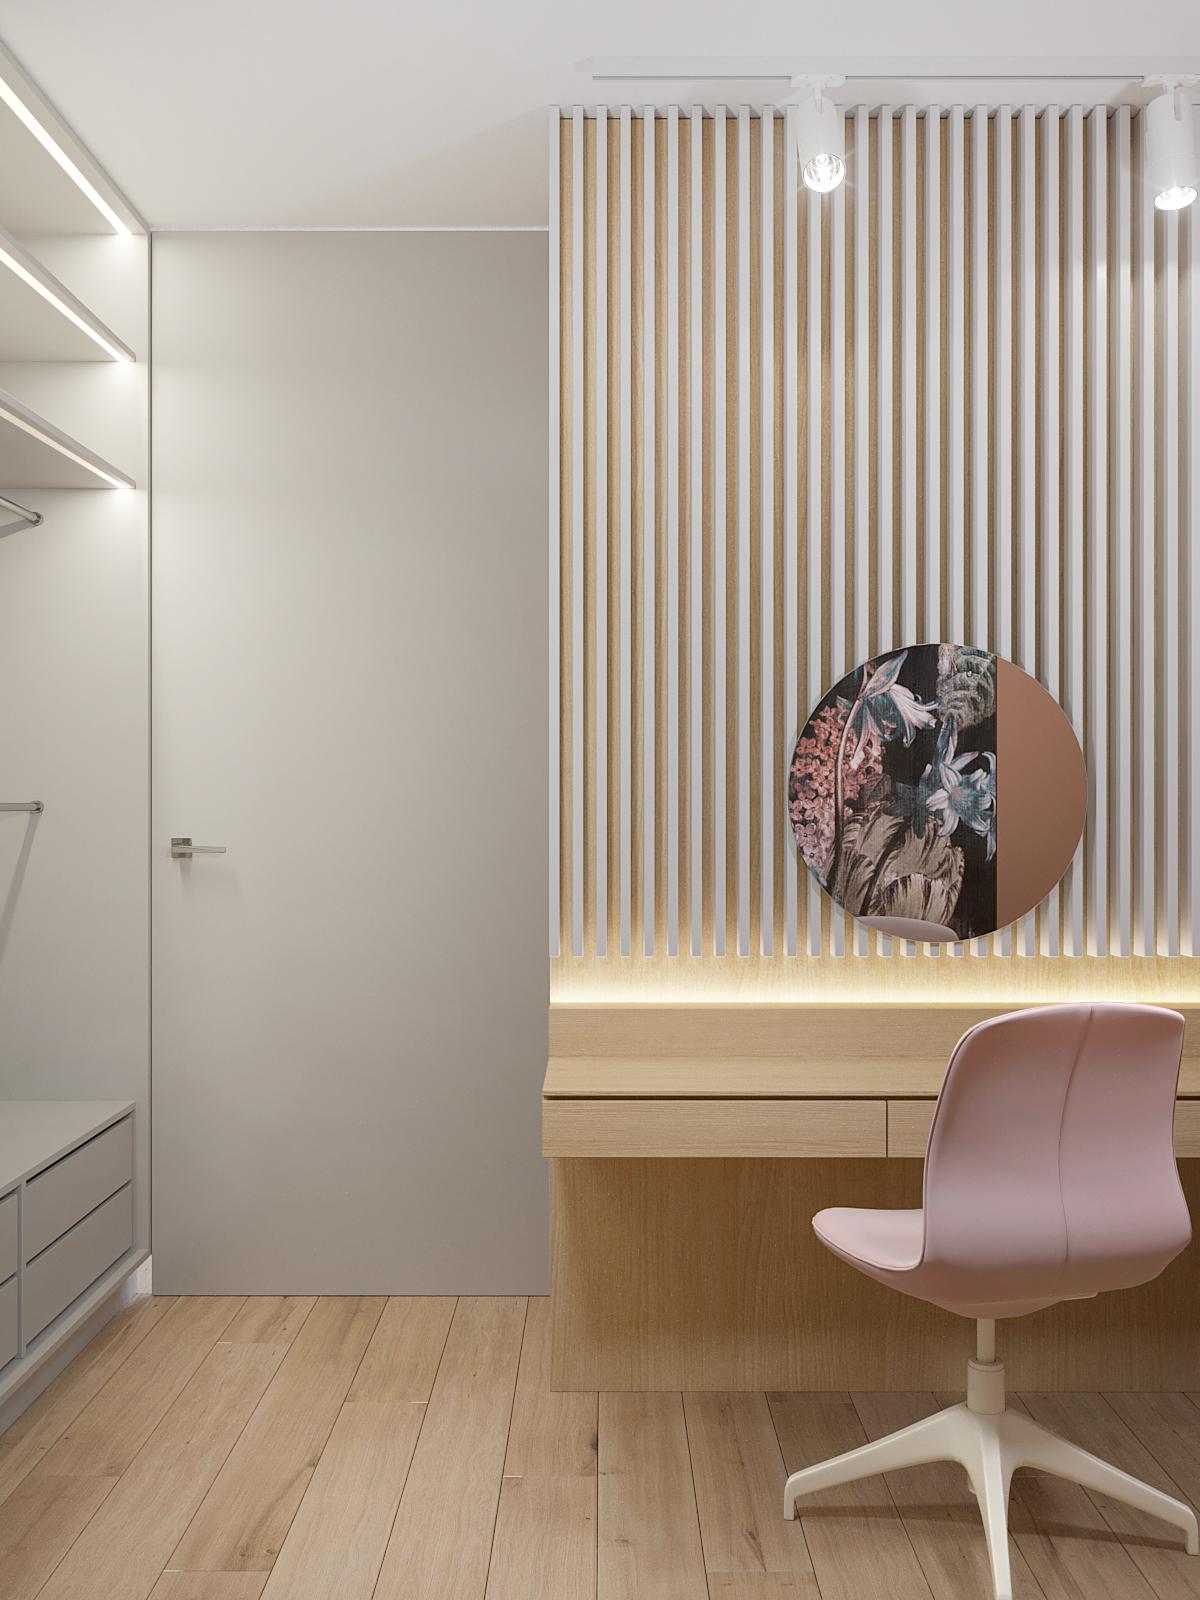 6 projektant wnetrz D423 poddasze Myslowice pokoj z toaletka biale lamele na scianie okragle lustro